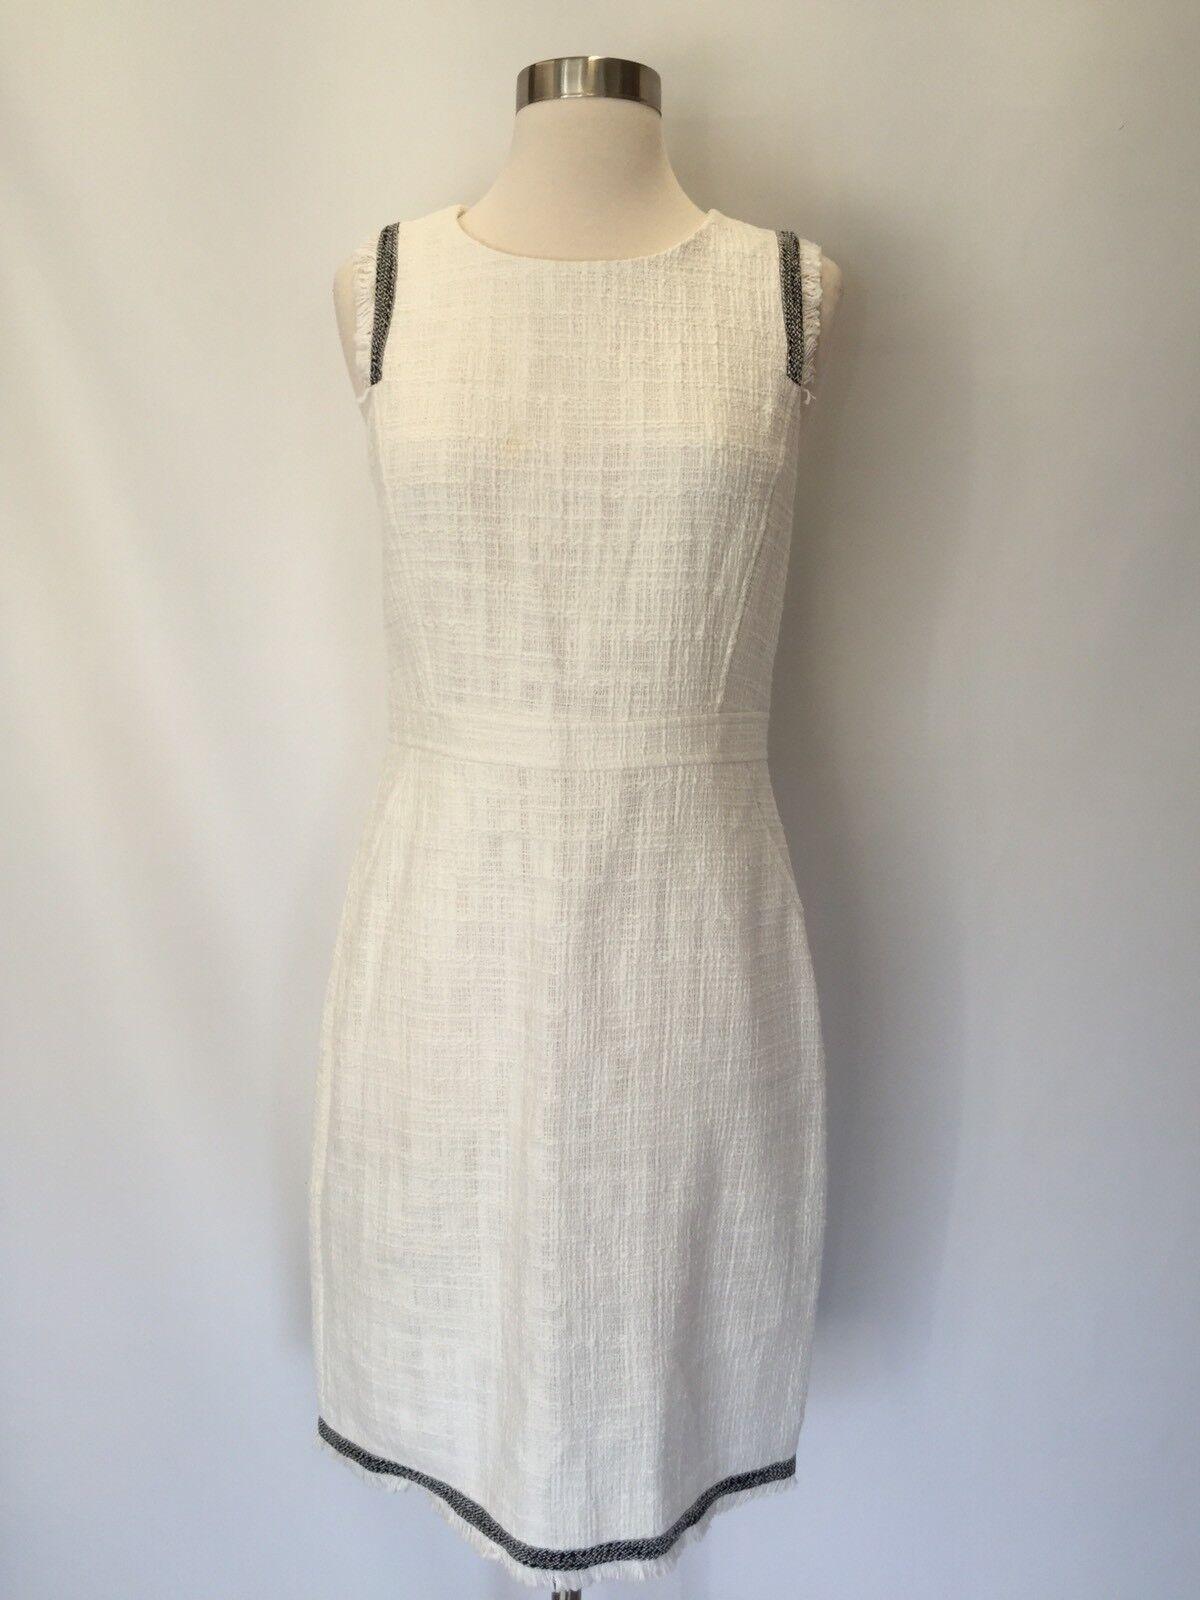 New J.Crew Sheath Dress In Texturot Tweed Marine Salt Weiß Sz 8 E9487